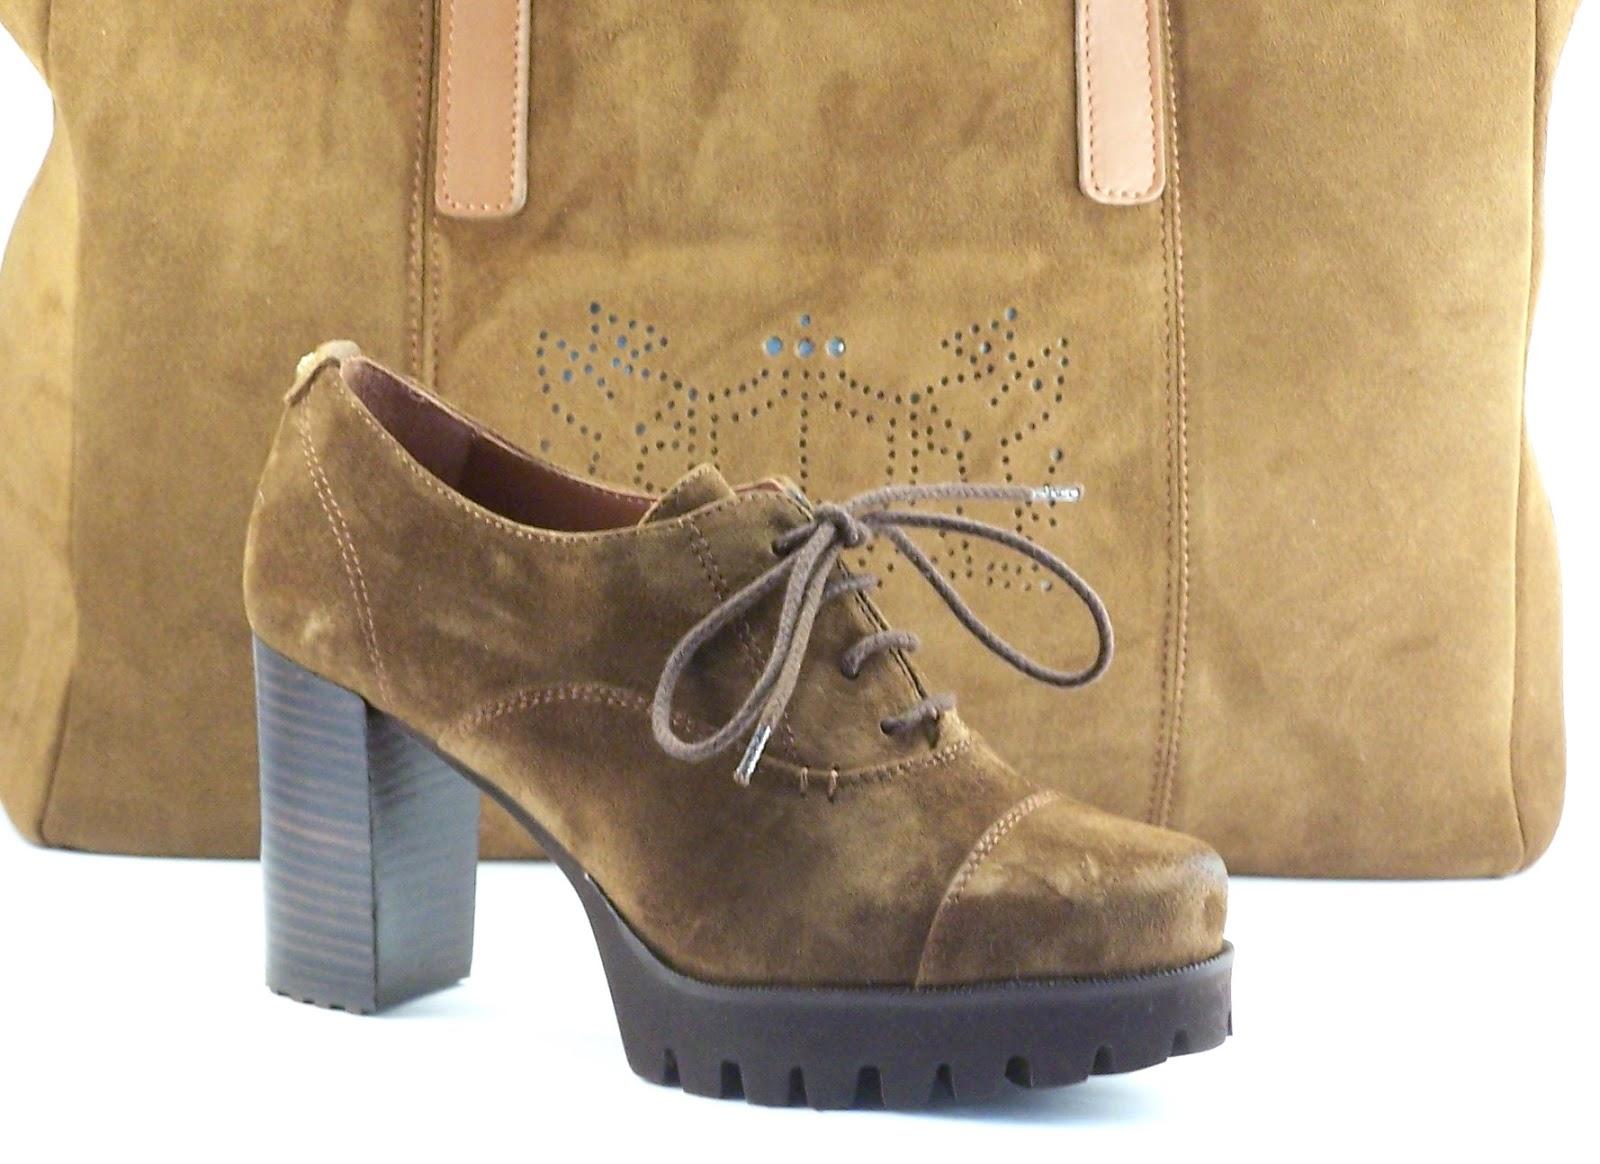 21d5c5db4 Precioso zapato de cordones para señora en ante marrón. Tacón intermedio y  amplia plataforma con dibujo marcado en la suela.